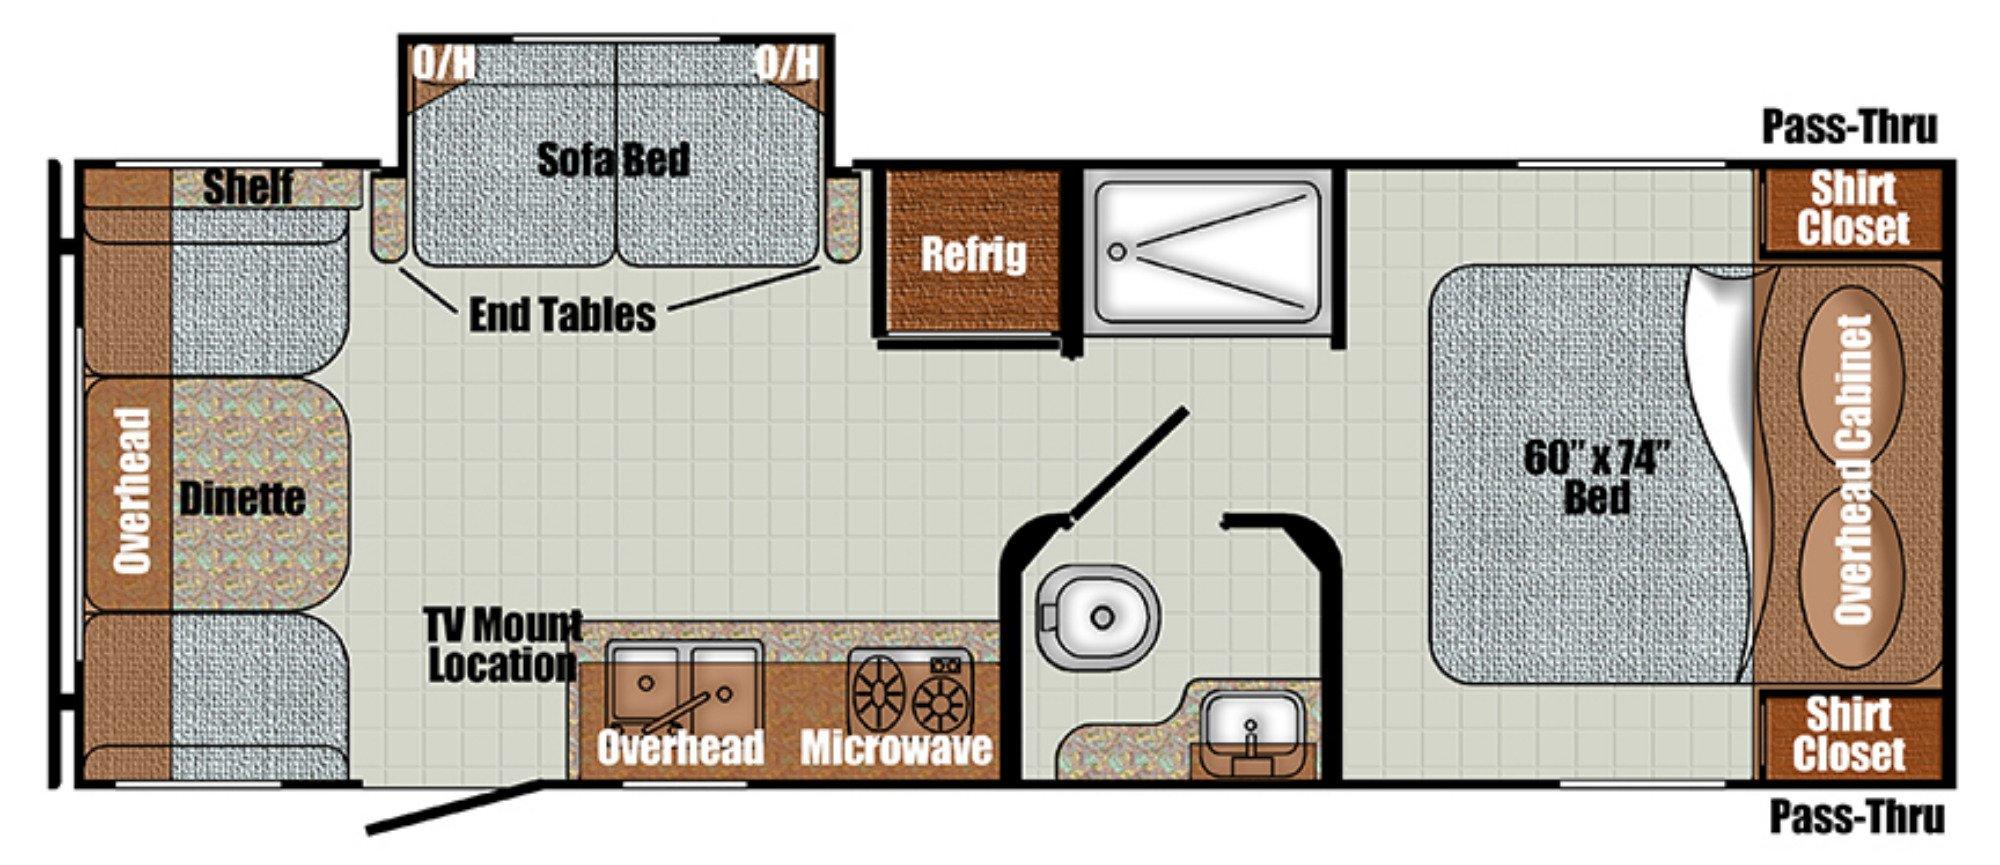 View Floor Plan for 2021 GULF STREAM VINTAGE CRUISER 23RSS